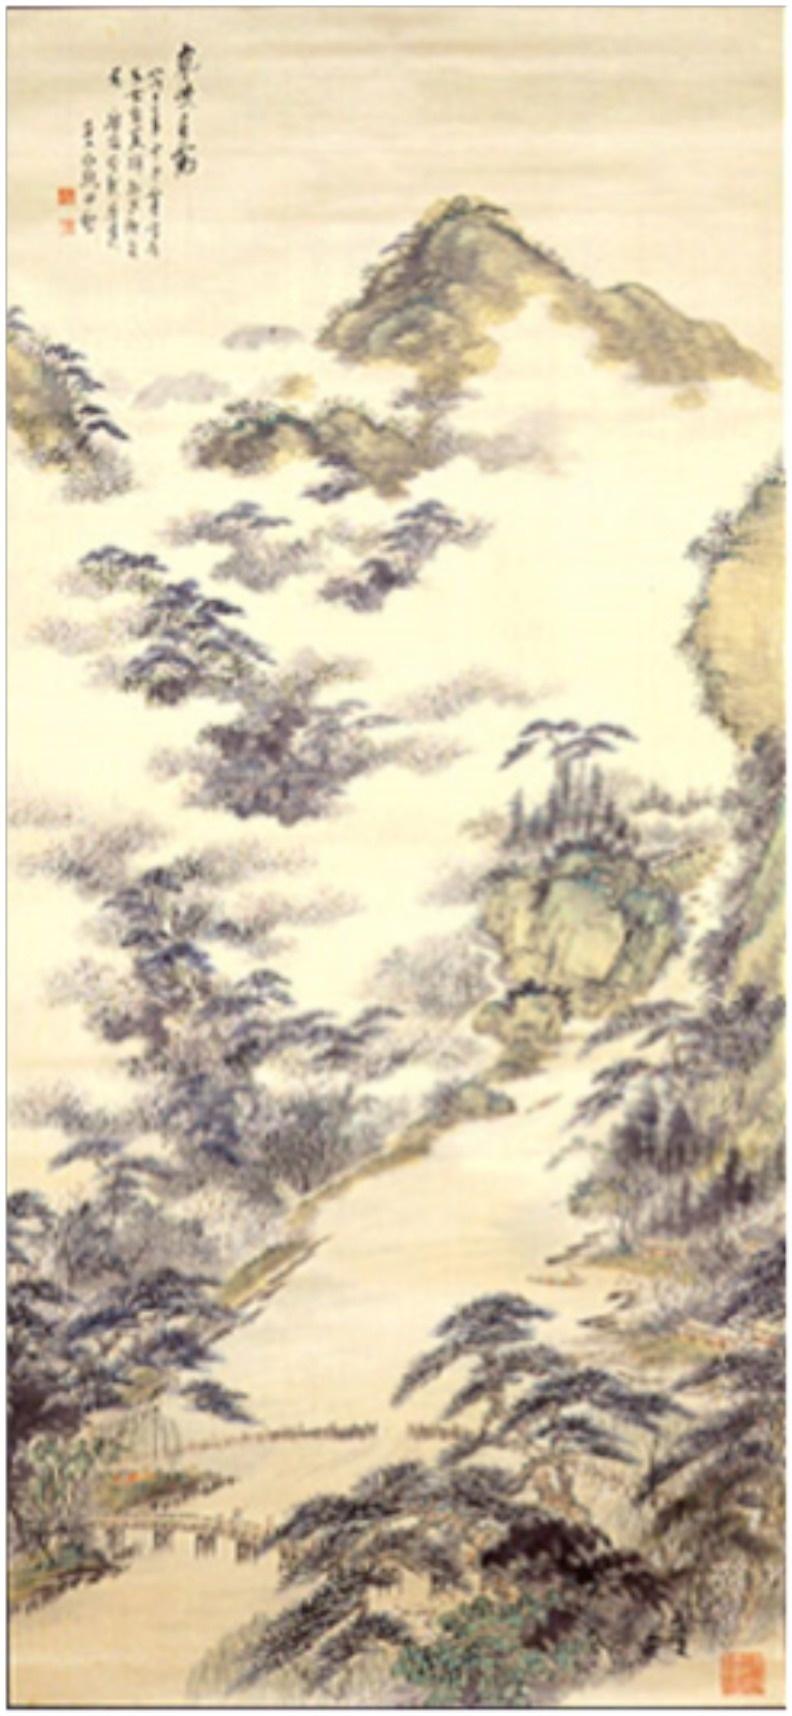 図-12  四季山水図  春図